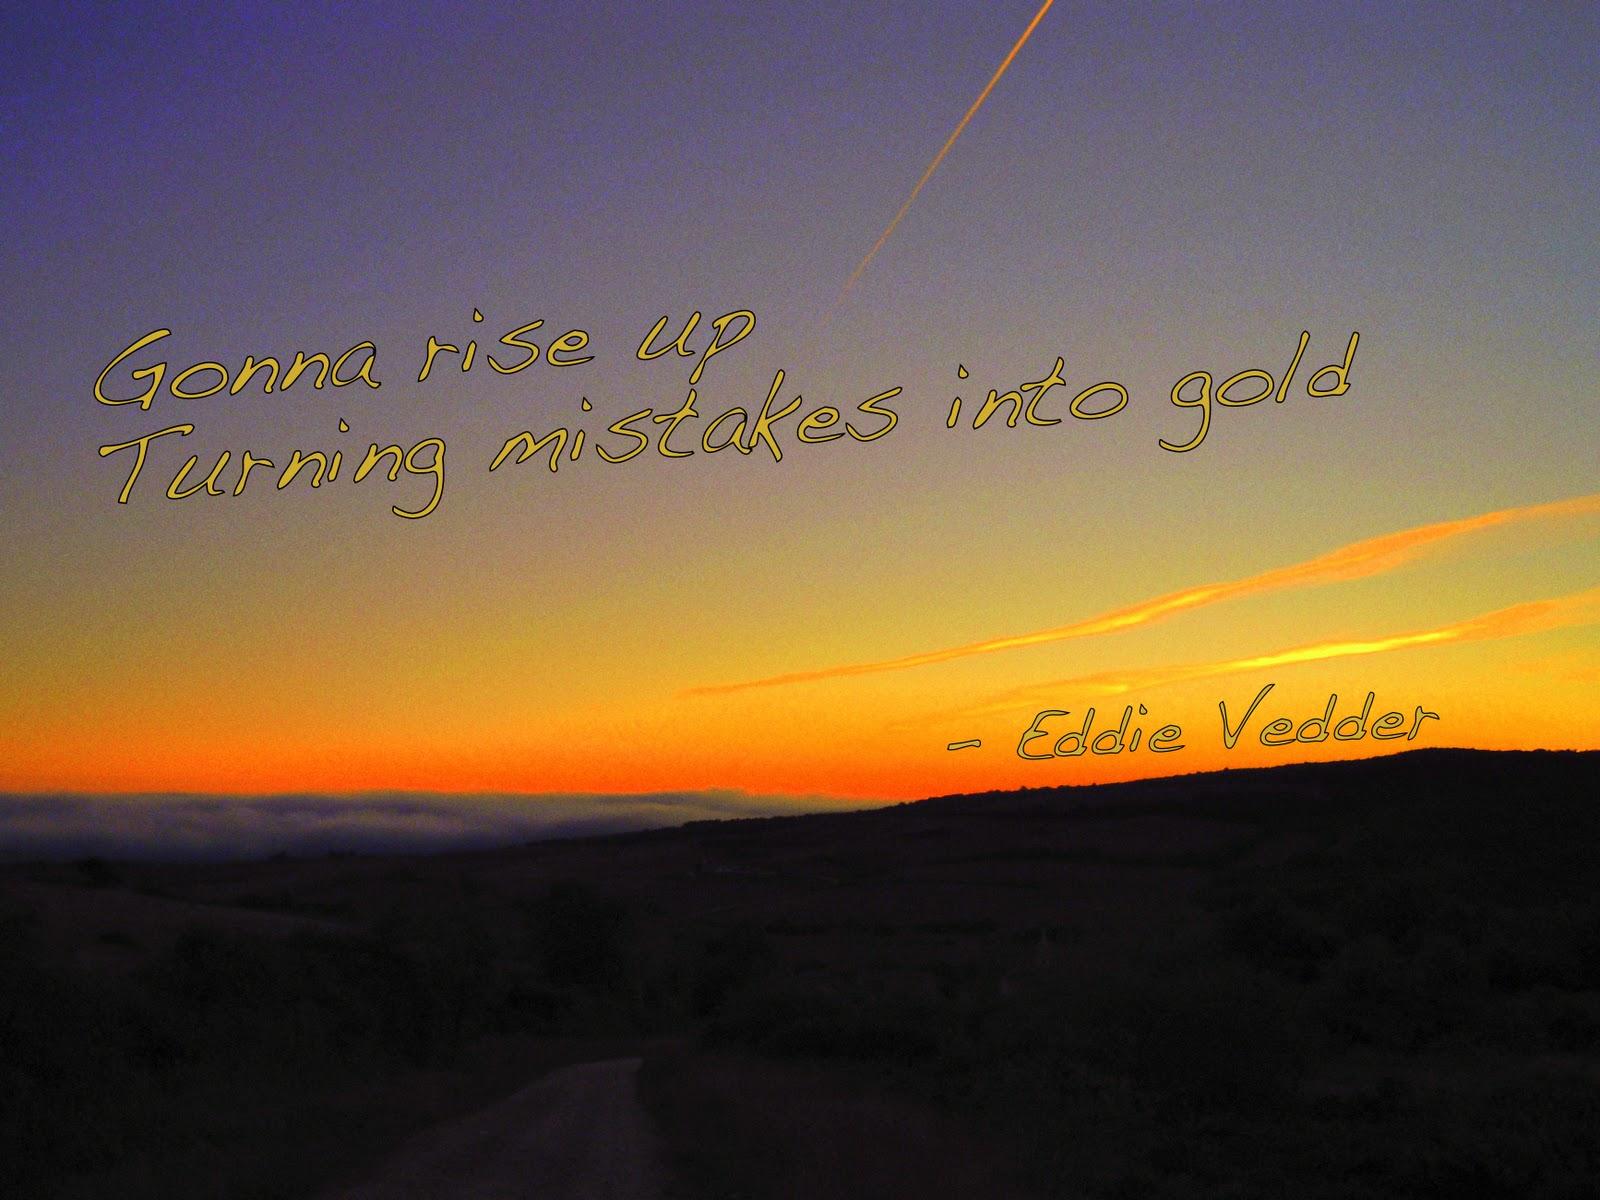 Eddie Vedder's quote #2